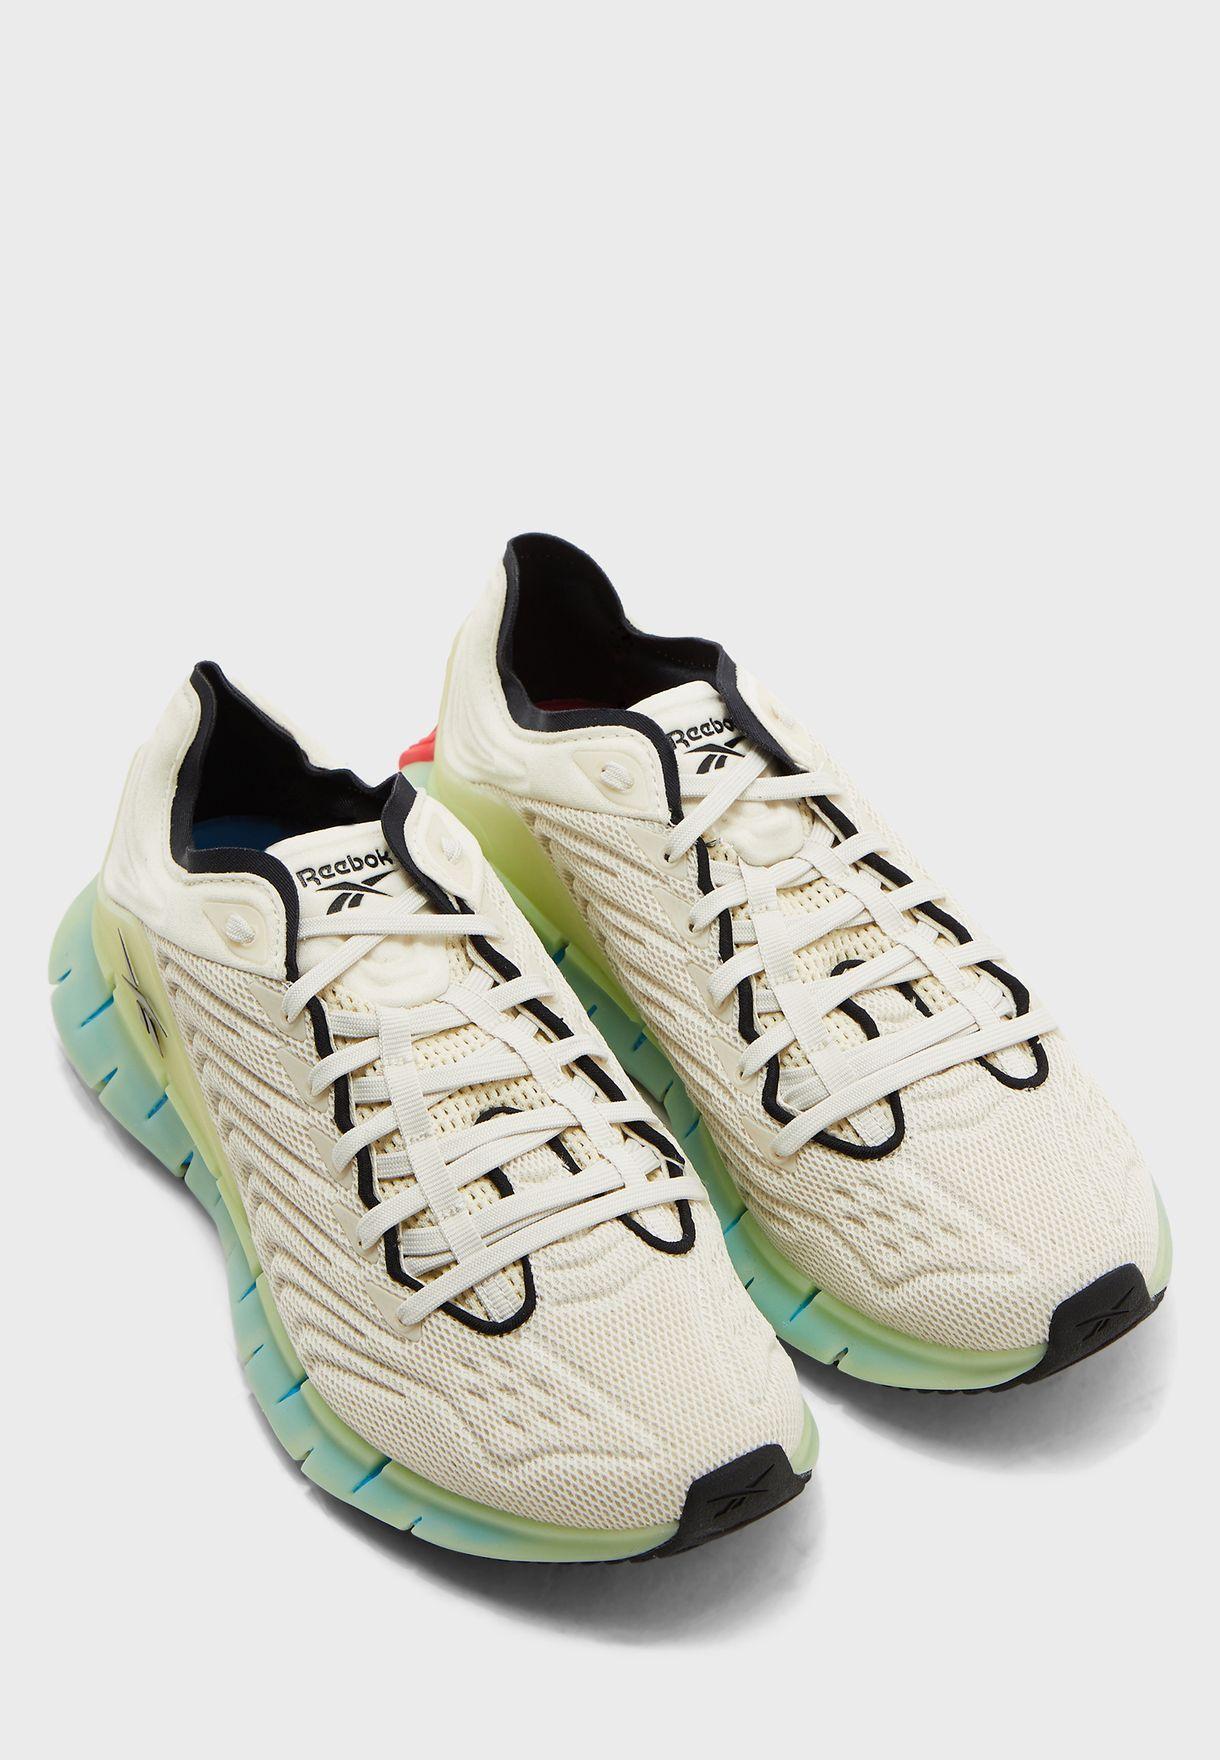 حذاء من مجموعة ريبوك زيغ كينيتيكا